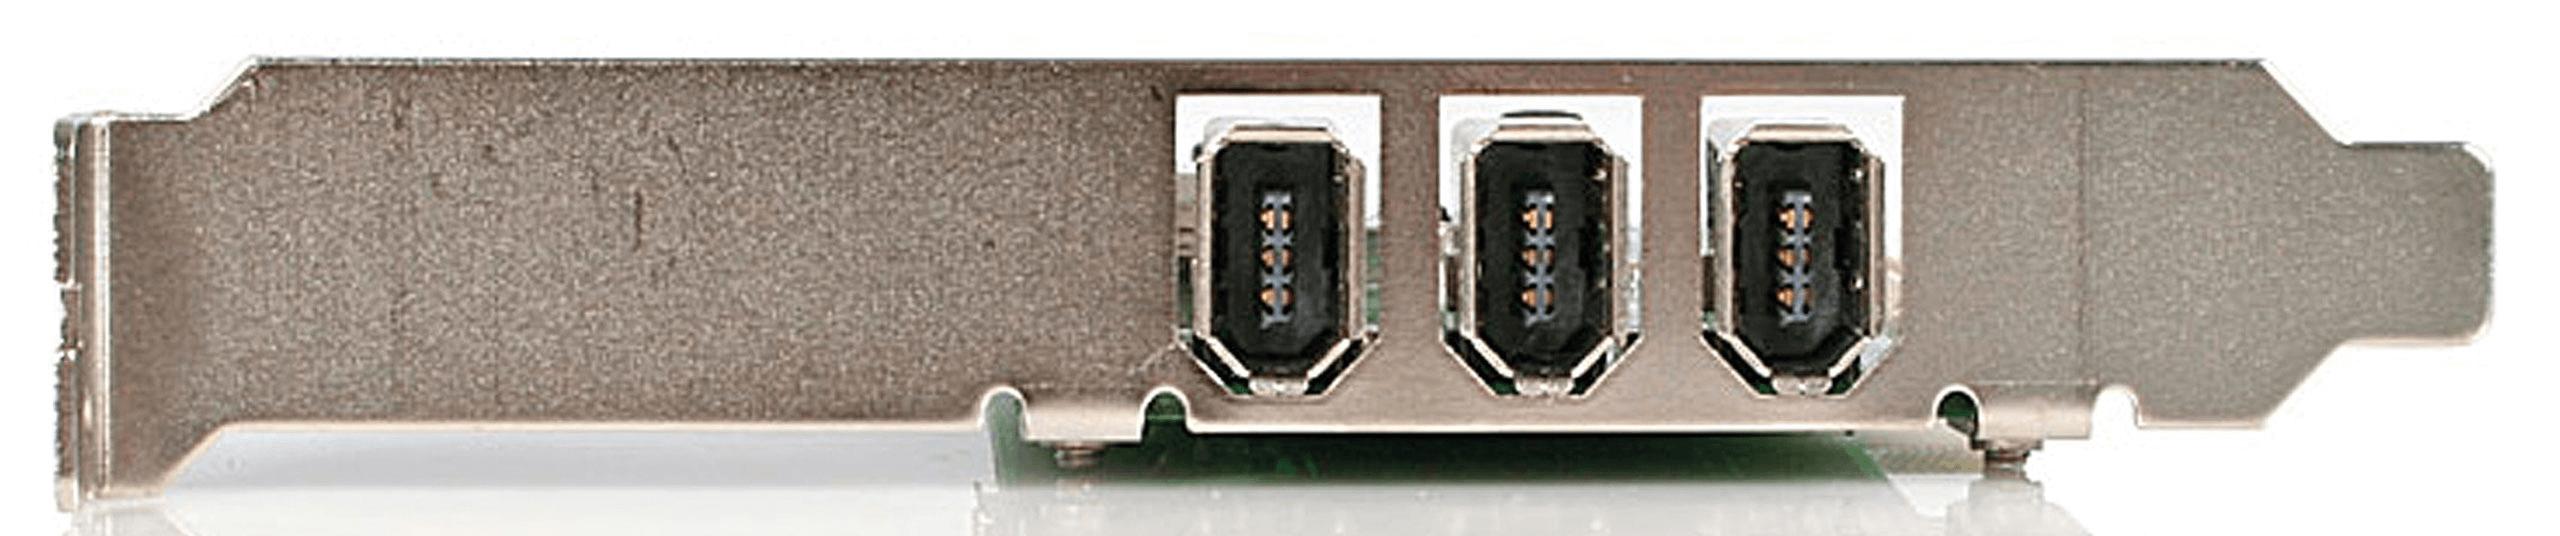 https://cdn-reichelt.de/bilder/web/xxl_ws/E201/PCI1394MP_03.png